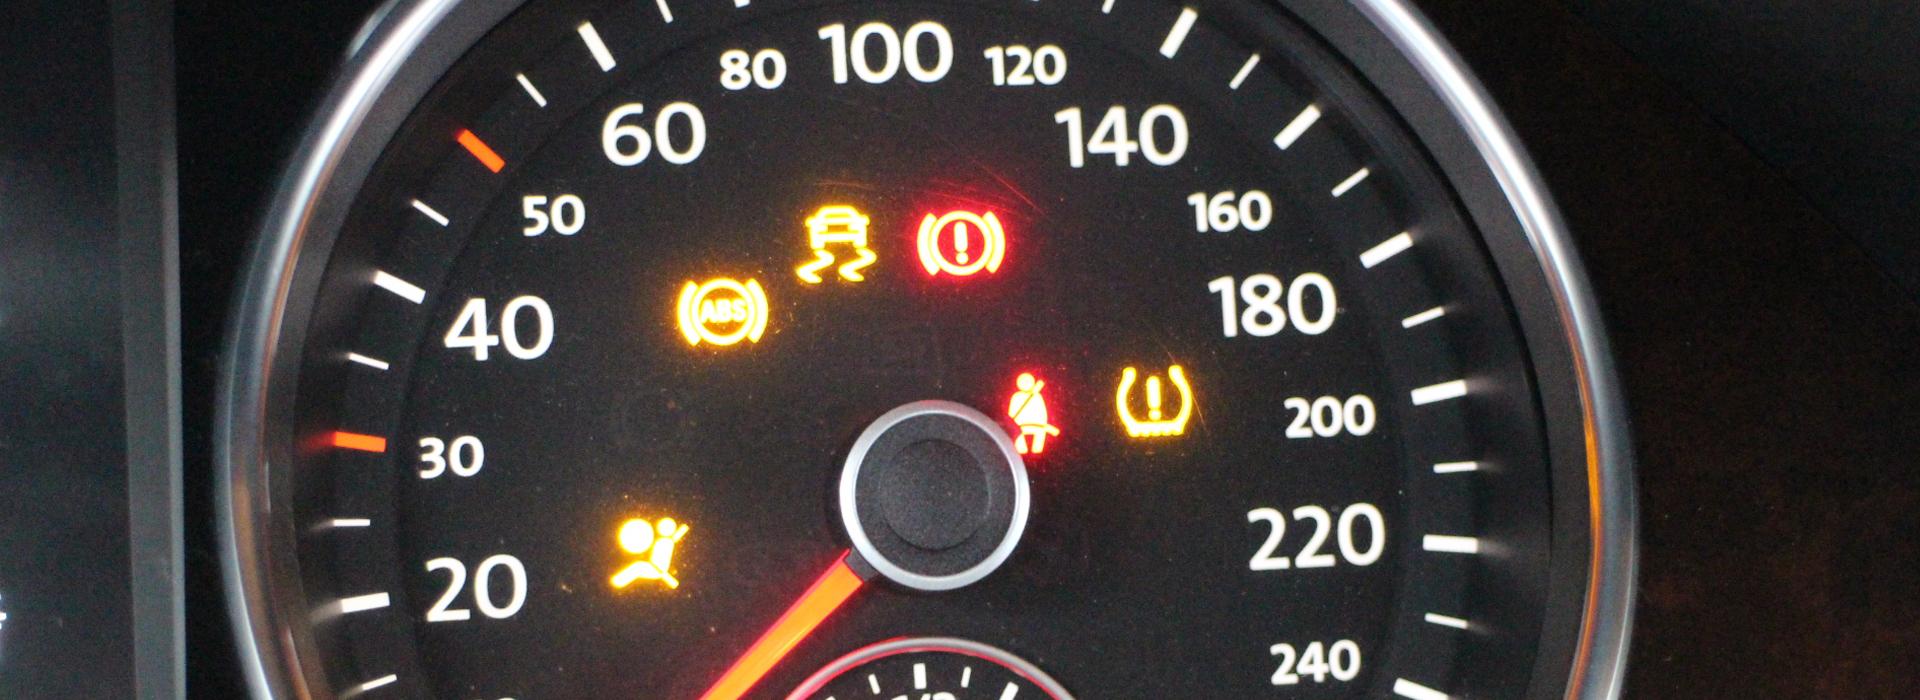 水箱溫度急飆、煞車效果不佳、冷氣不冷有異味……—愛車出毛病 自行診斷停聽看